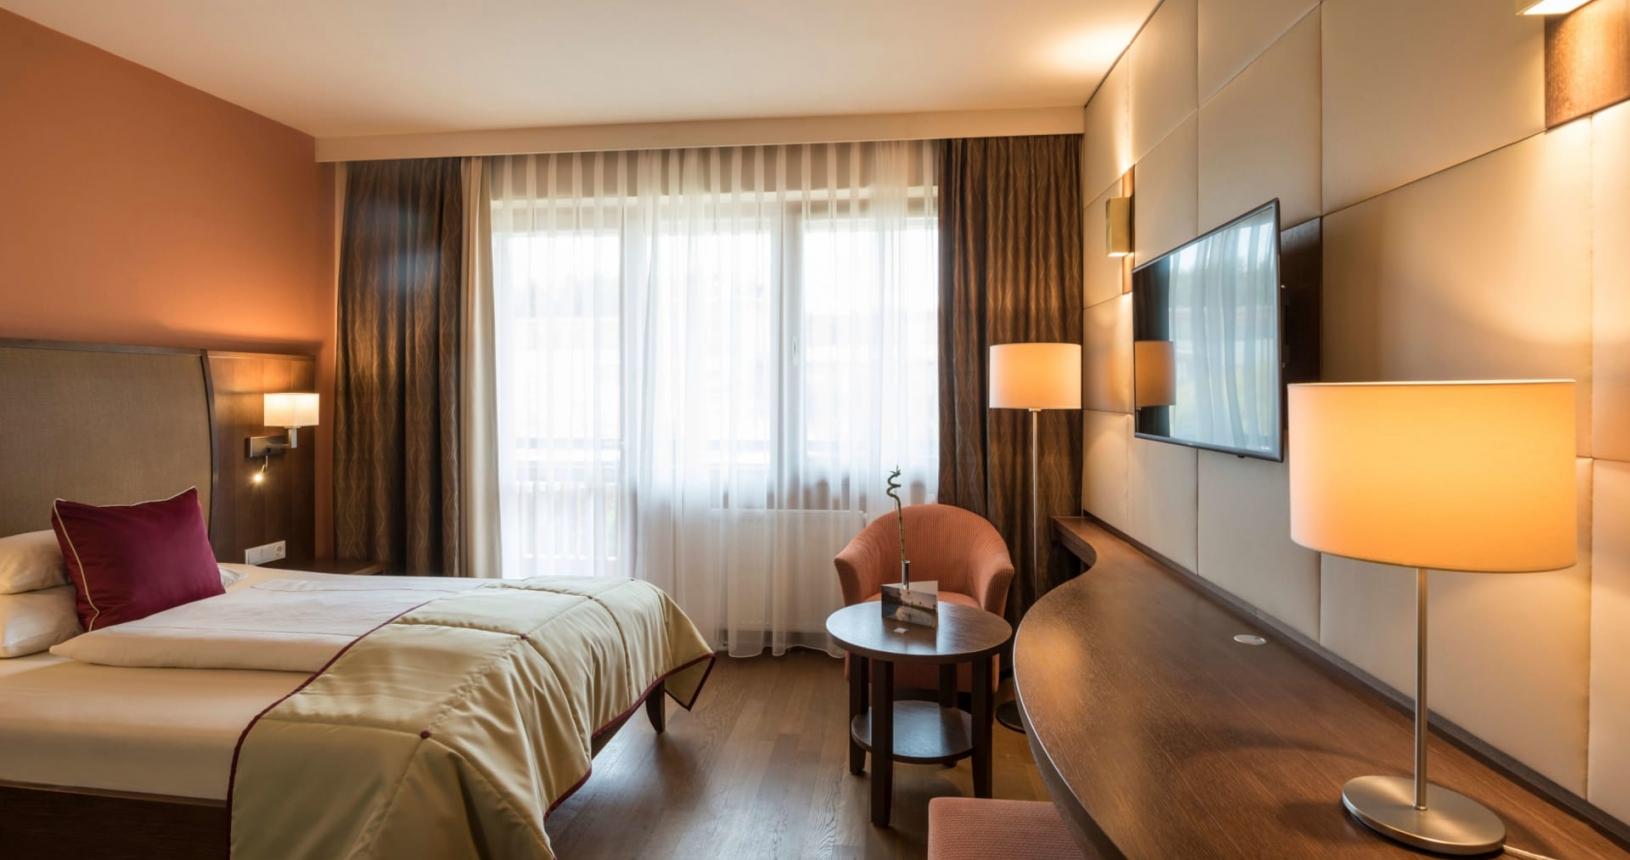 Grand Lit Einzelzimmer Erde im Hotel Larimar